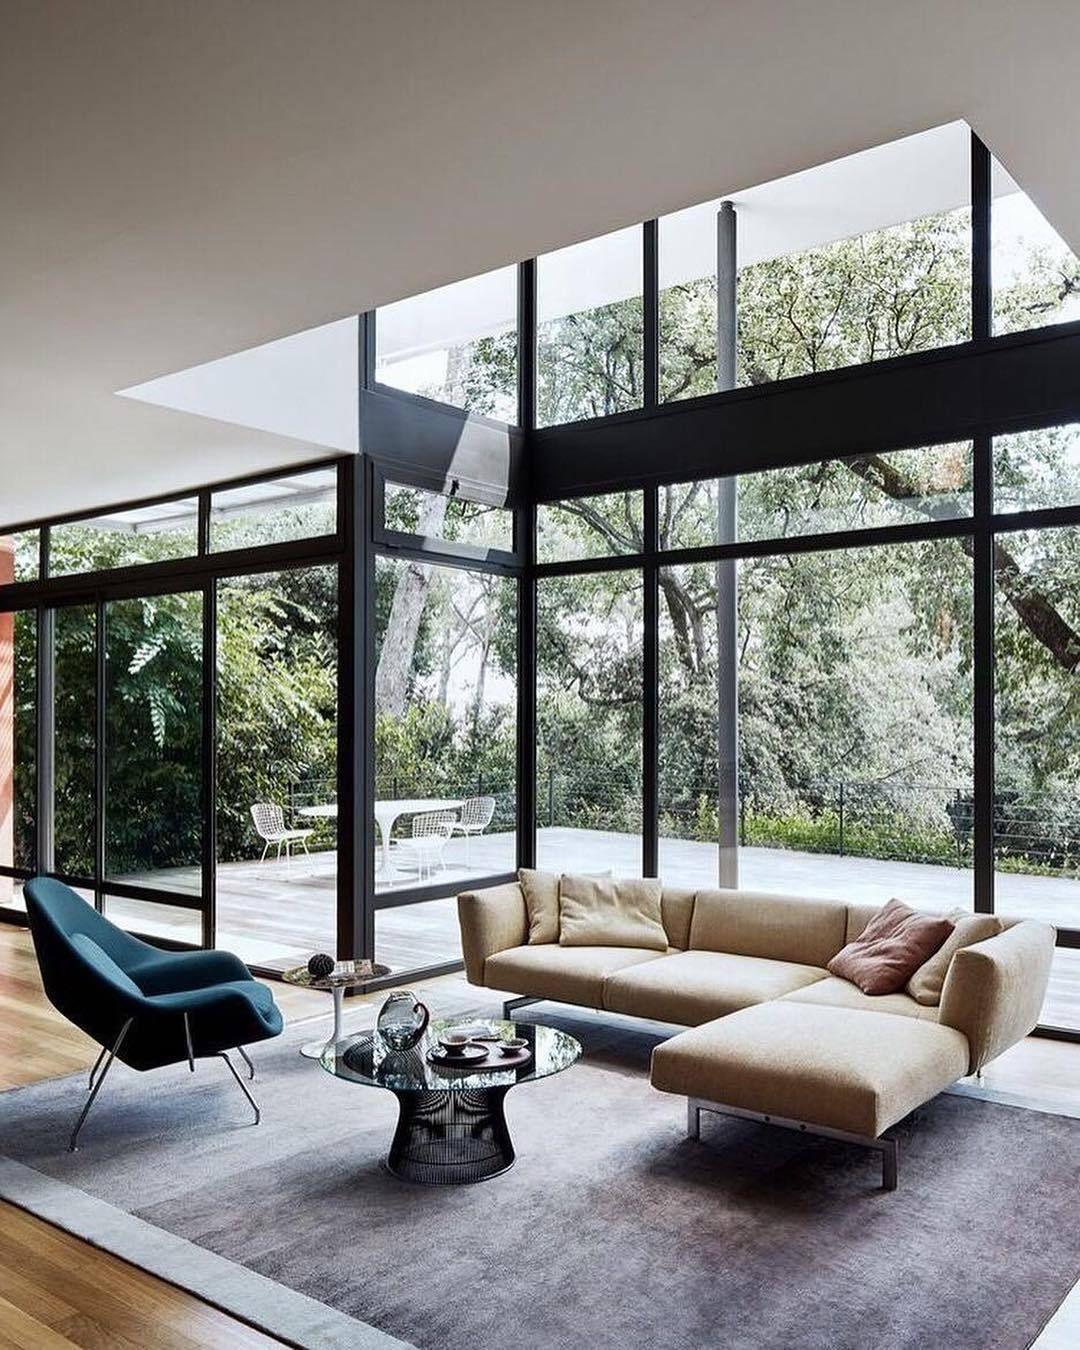 The classy lifestyle. | Rooms | Maison moderne, Déco maison und ...